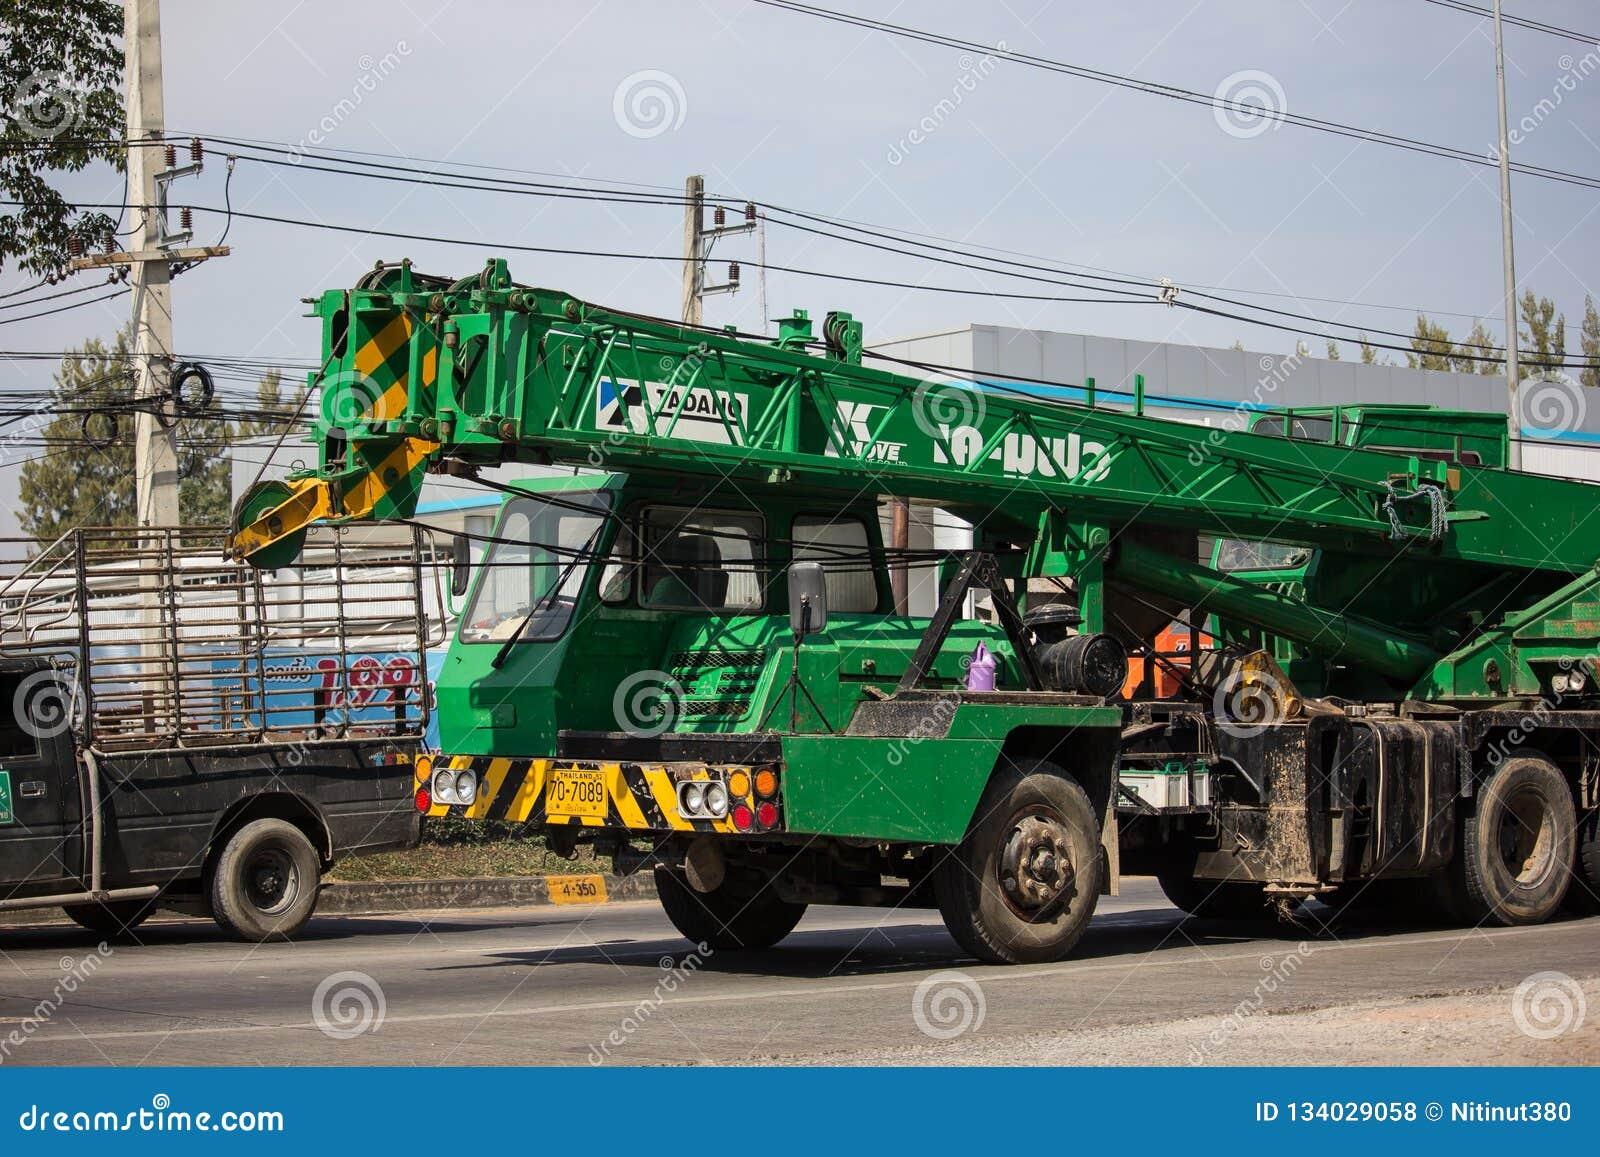 TADANO Crane Truck Of PPS Concrete Editorial Stock Photo